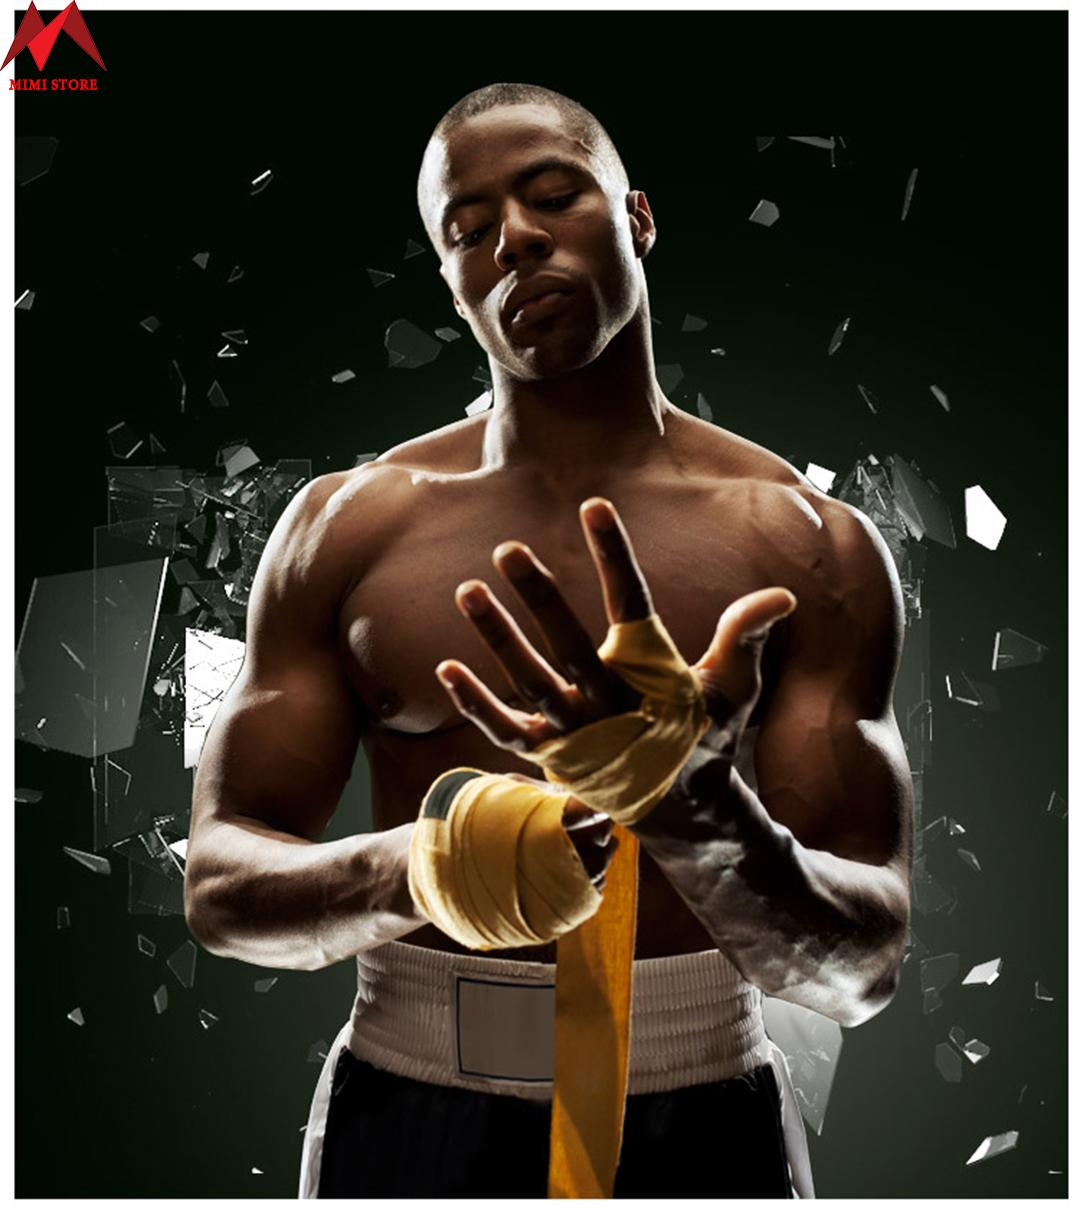 Băng quấn tay đấm boxing, băng quấn tay tập , băng quấn thể thao Nhật Bản